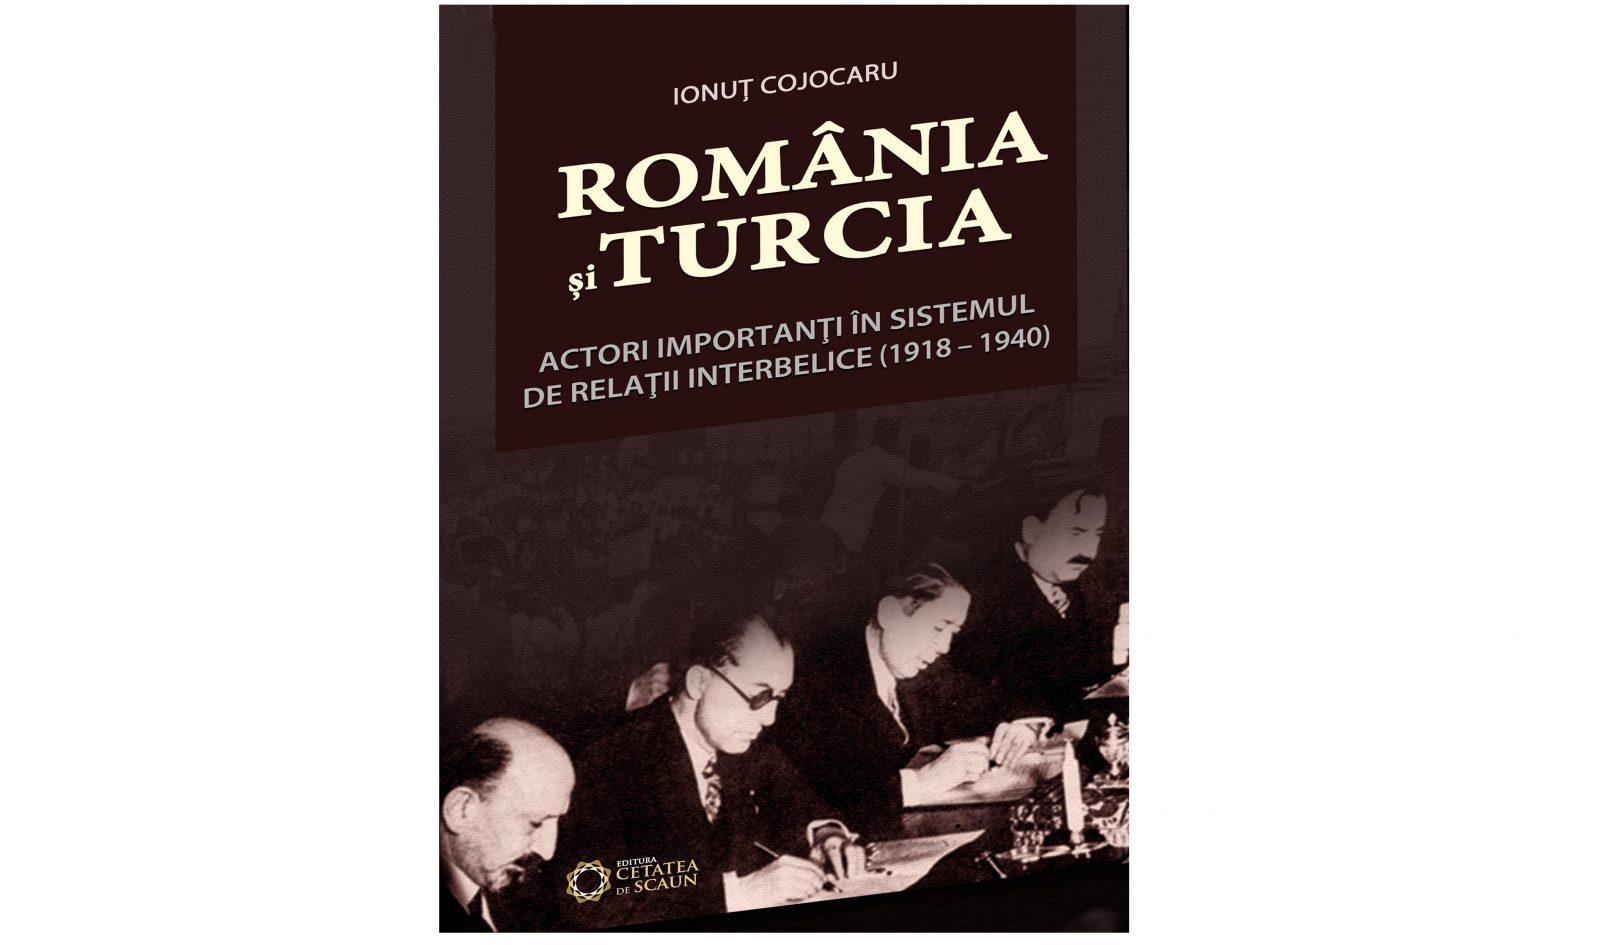 """Lansarea volumului ,,România şi Turcia actori importanţi în sistemul de relaţii interbelice (1918-1940)"""" al dr. Ionuț Cojocaru"""